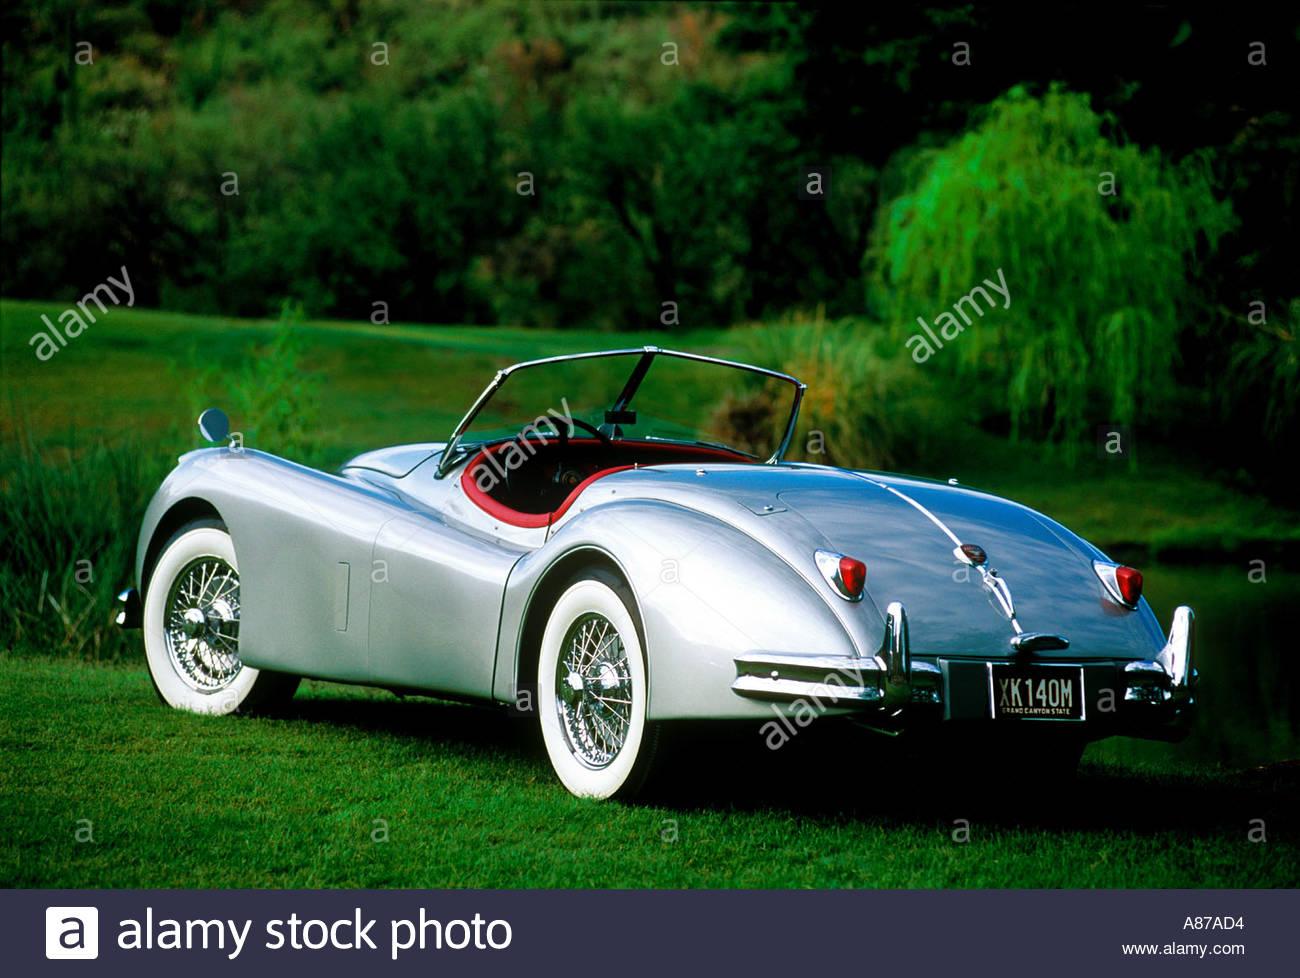 Silber Jaguar XK 140 Roadster 1954 Oldtimer auf dem grünen Rasen Stockbild